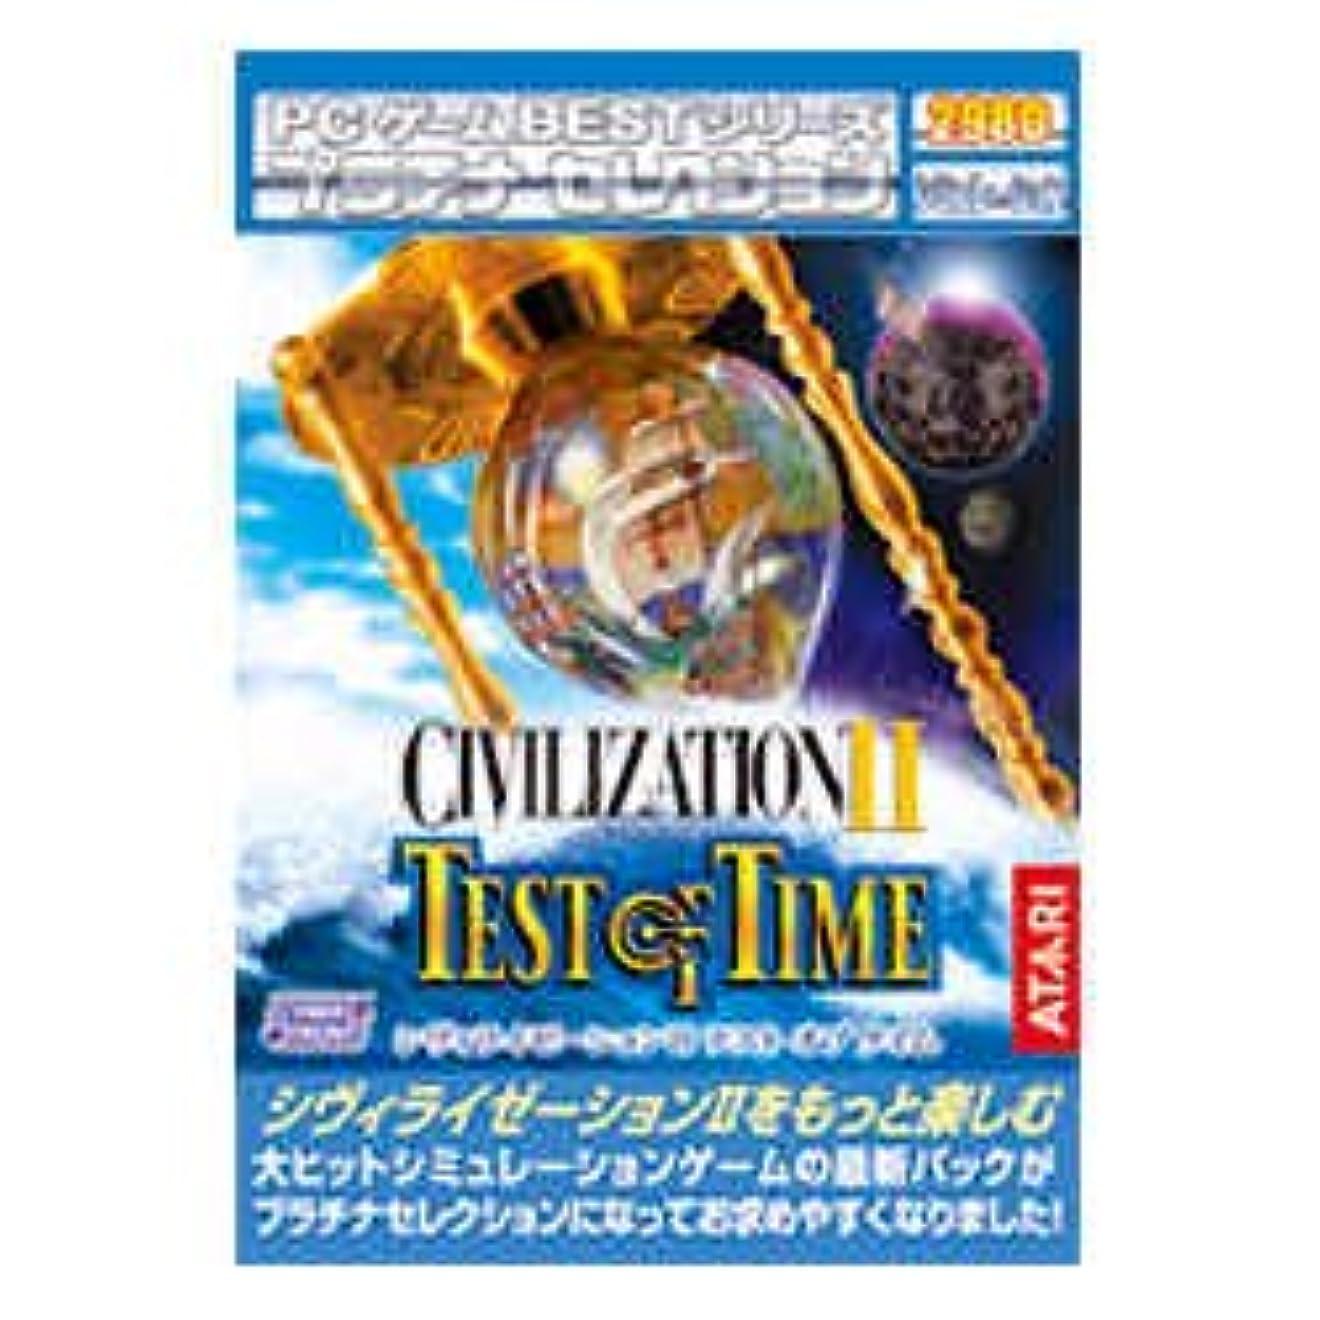 含意理容師シャッターPCゲーム Bestシリーズ プラチナセレクション CIVIZATION 2 TEST OF TIME 完全日本語版